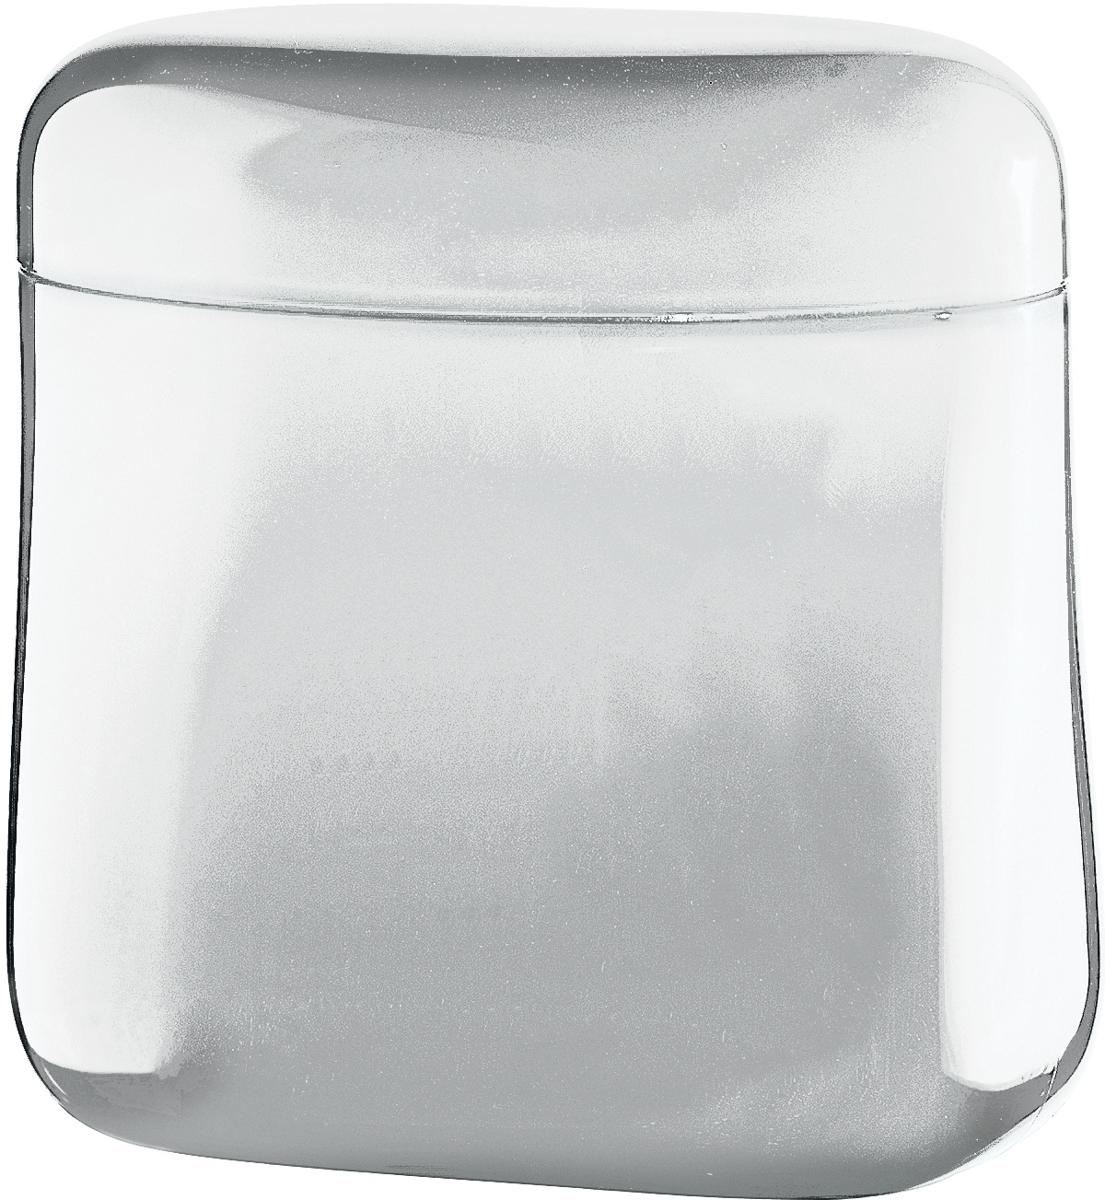 Банка для кофе Guzzini Gocce, цвет: прозрачный, 700 мл27300000Банка Guzzini Gocce создана специально для длительного хранения кофе. Она изготовлена из органического стекла со светонепроницаемым покрытием для защиты от преждевременного разрушения. Крышка банки плотно закрывается, что позволит надолго сохранить вкус и аромат кофе. Благодаря своей компактности, емкость не займет много места в шкафу и идеально поместится в дверце холодильника. При желании ее можно использовать для хранения не только кофе, но и других сыпучих продуктов.Пригодна для мытья в посудомоечной машине.